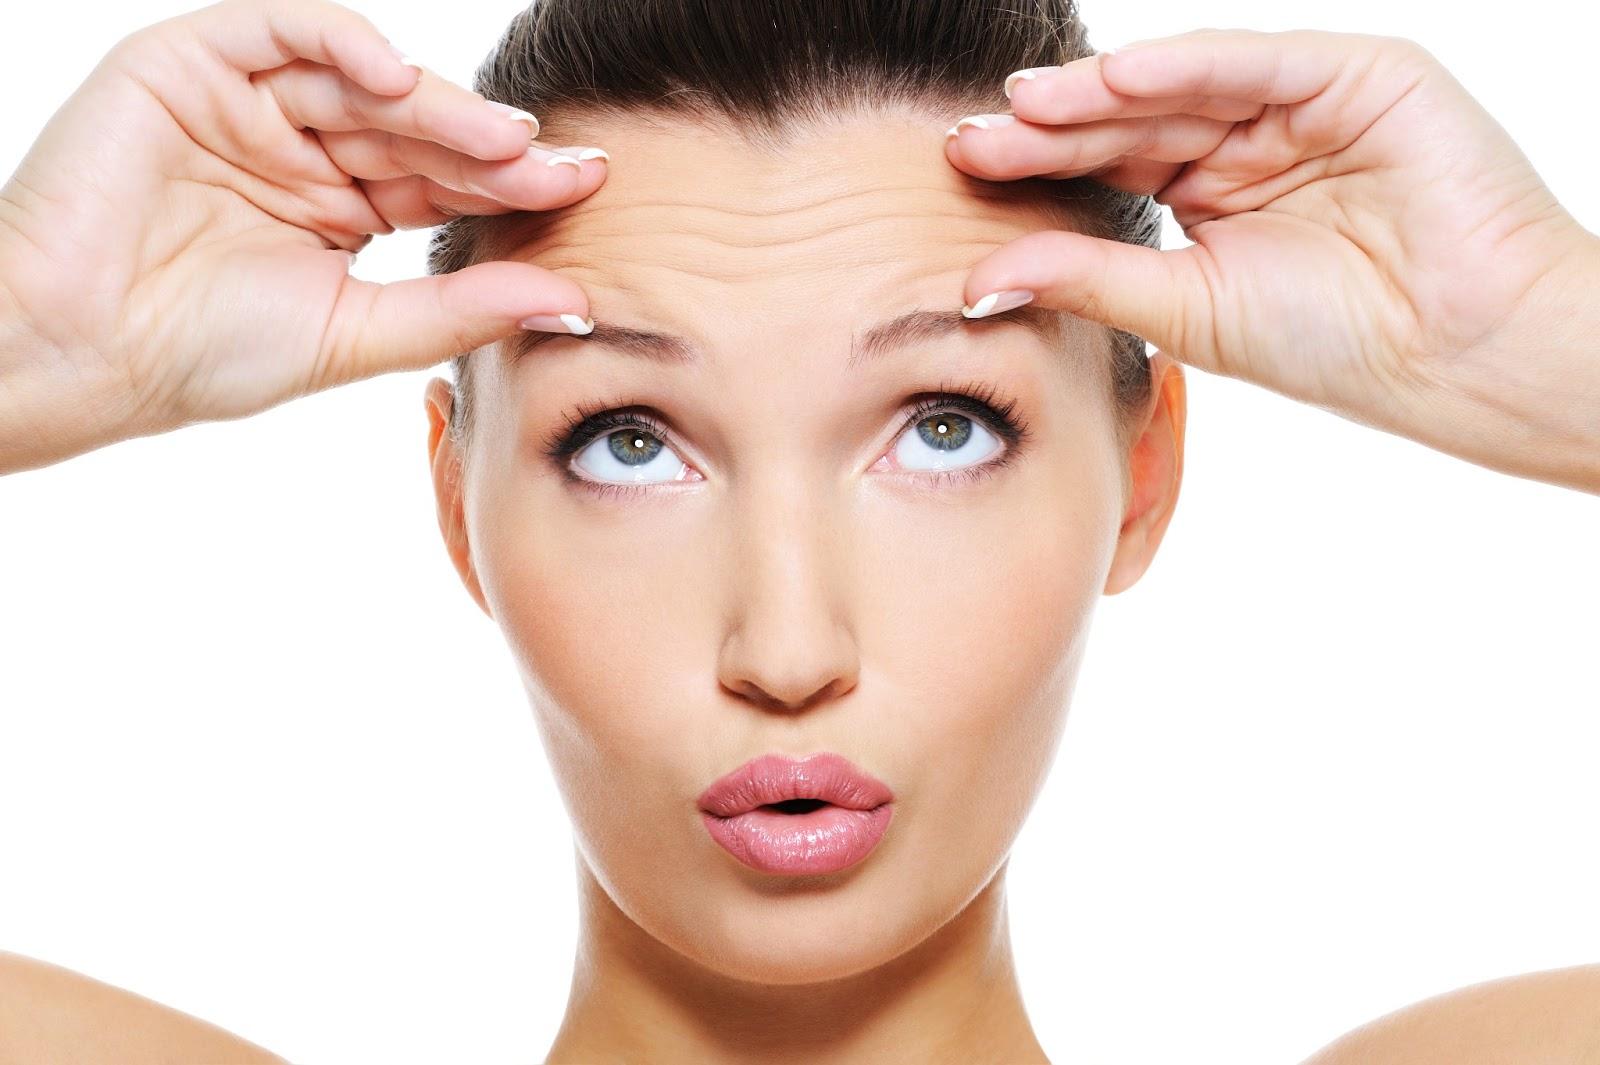 Eliminación de arrugas Lucena - ArtClínica